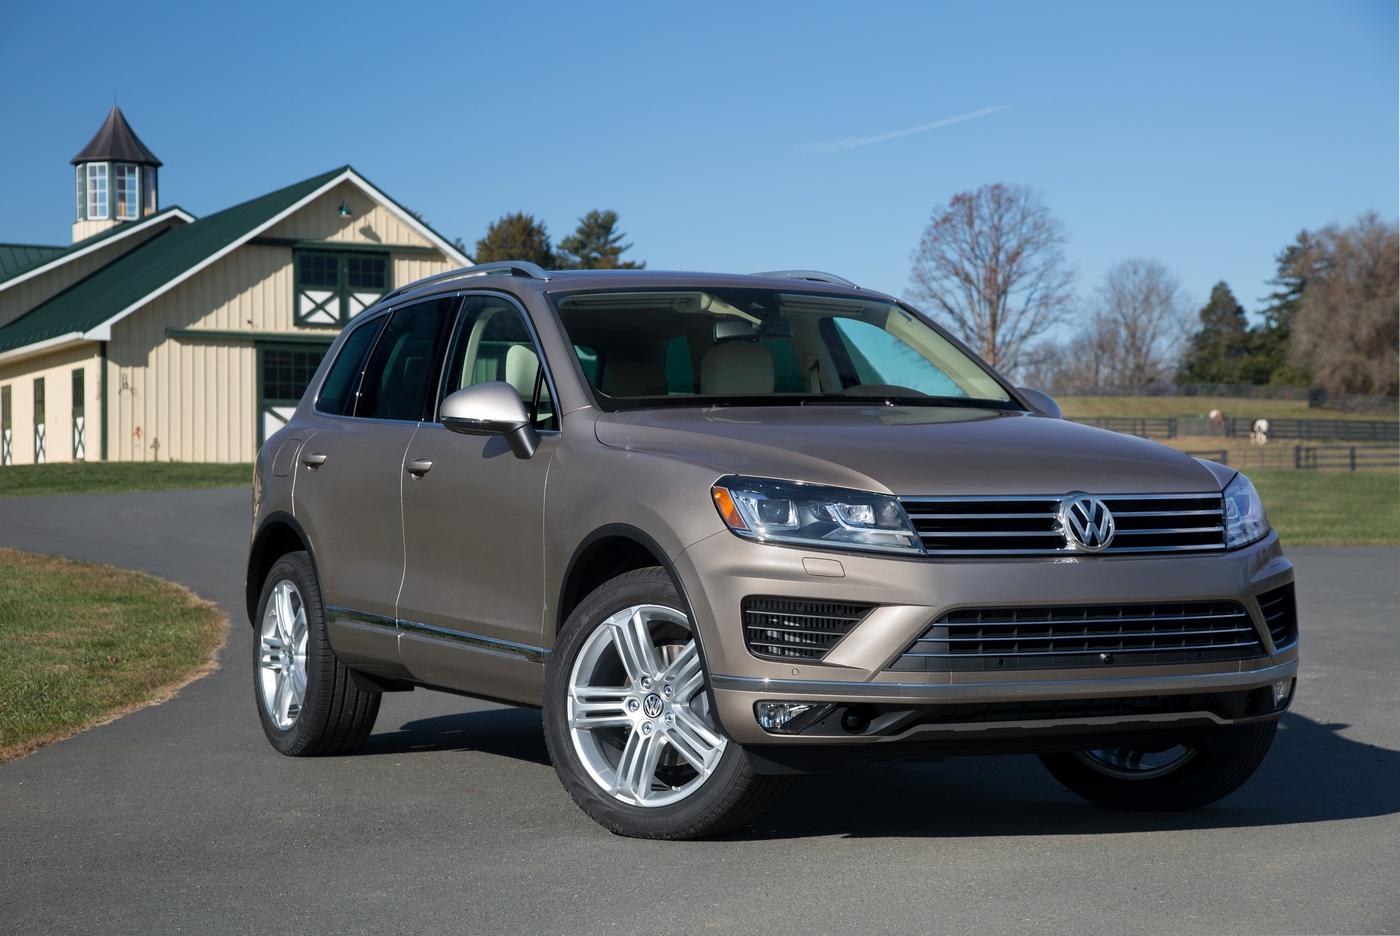 VW Touareg 2016